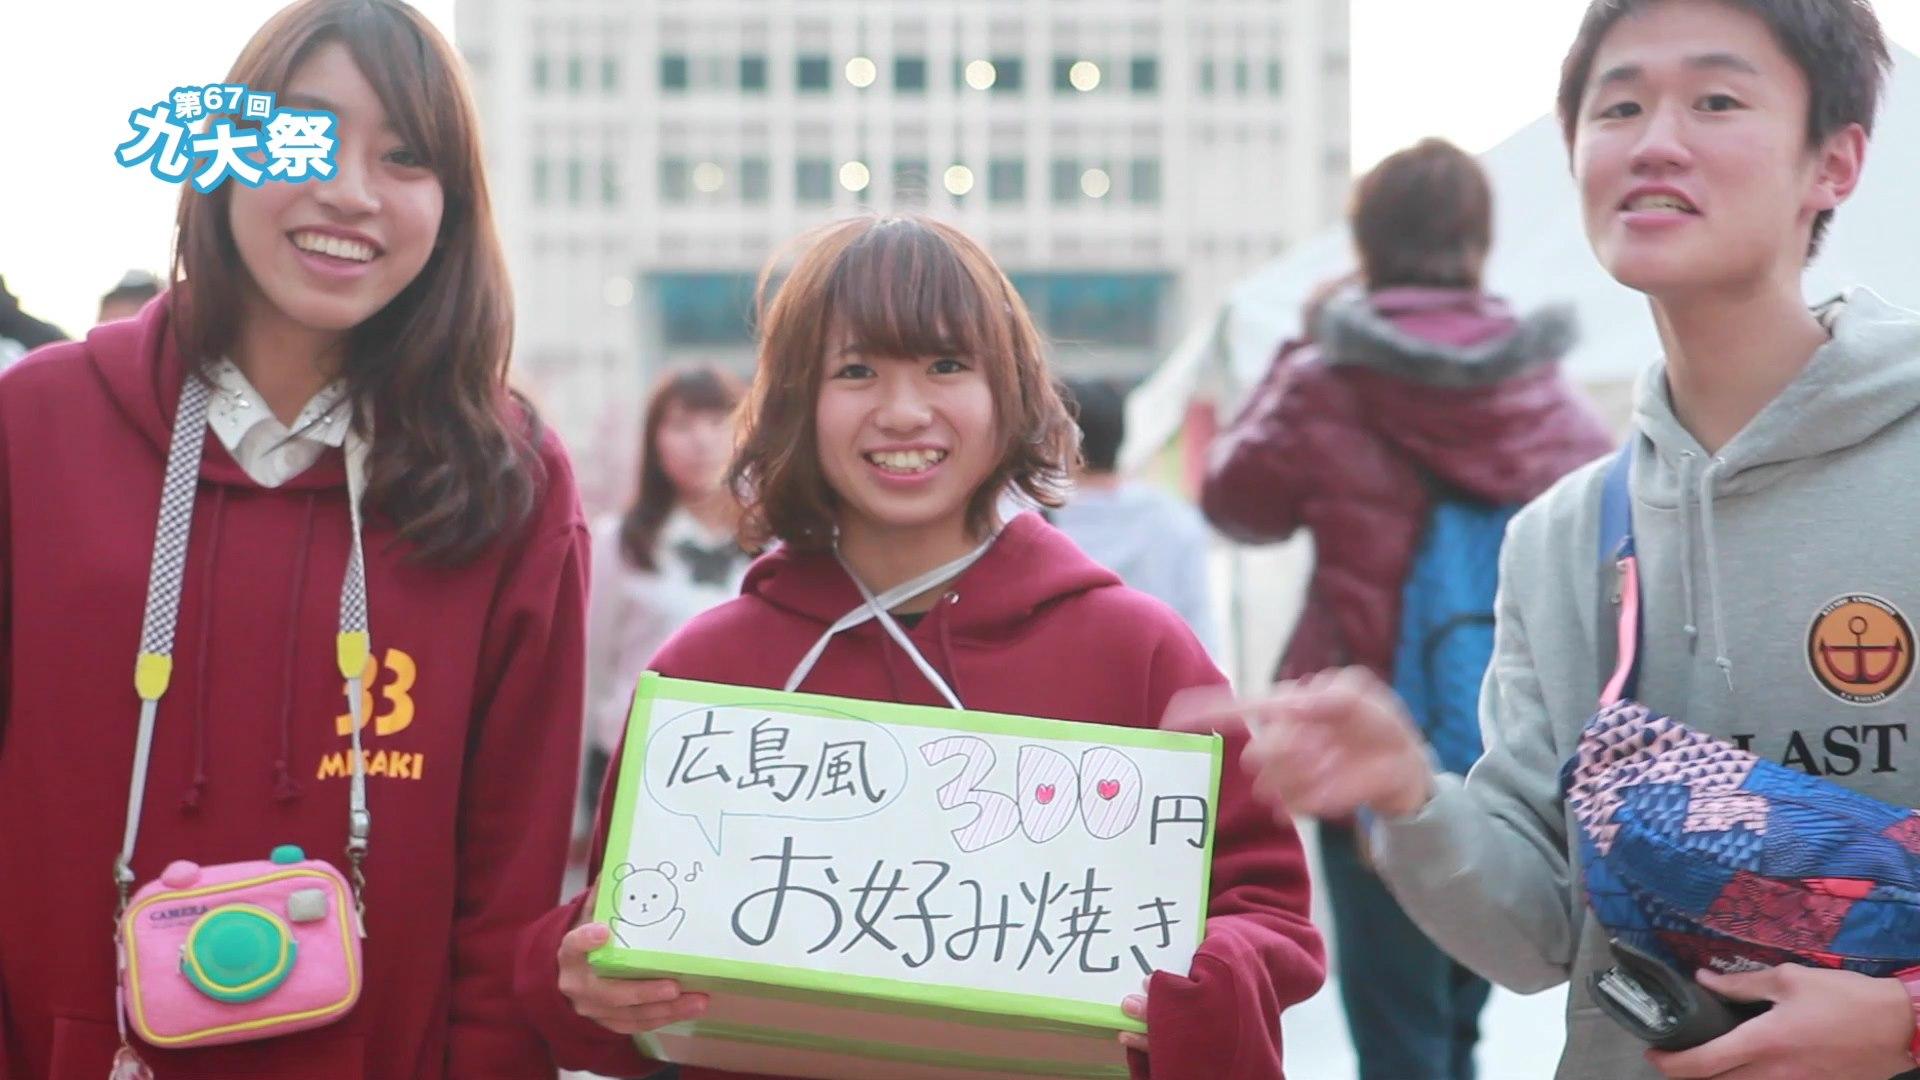 第67回 九州大学学祭.mov_000400953